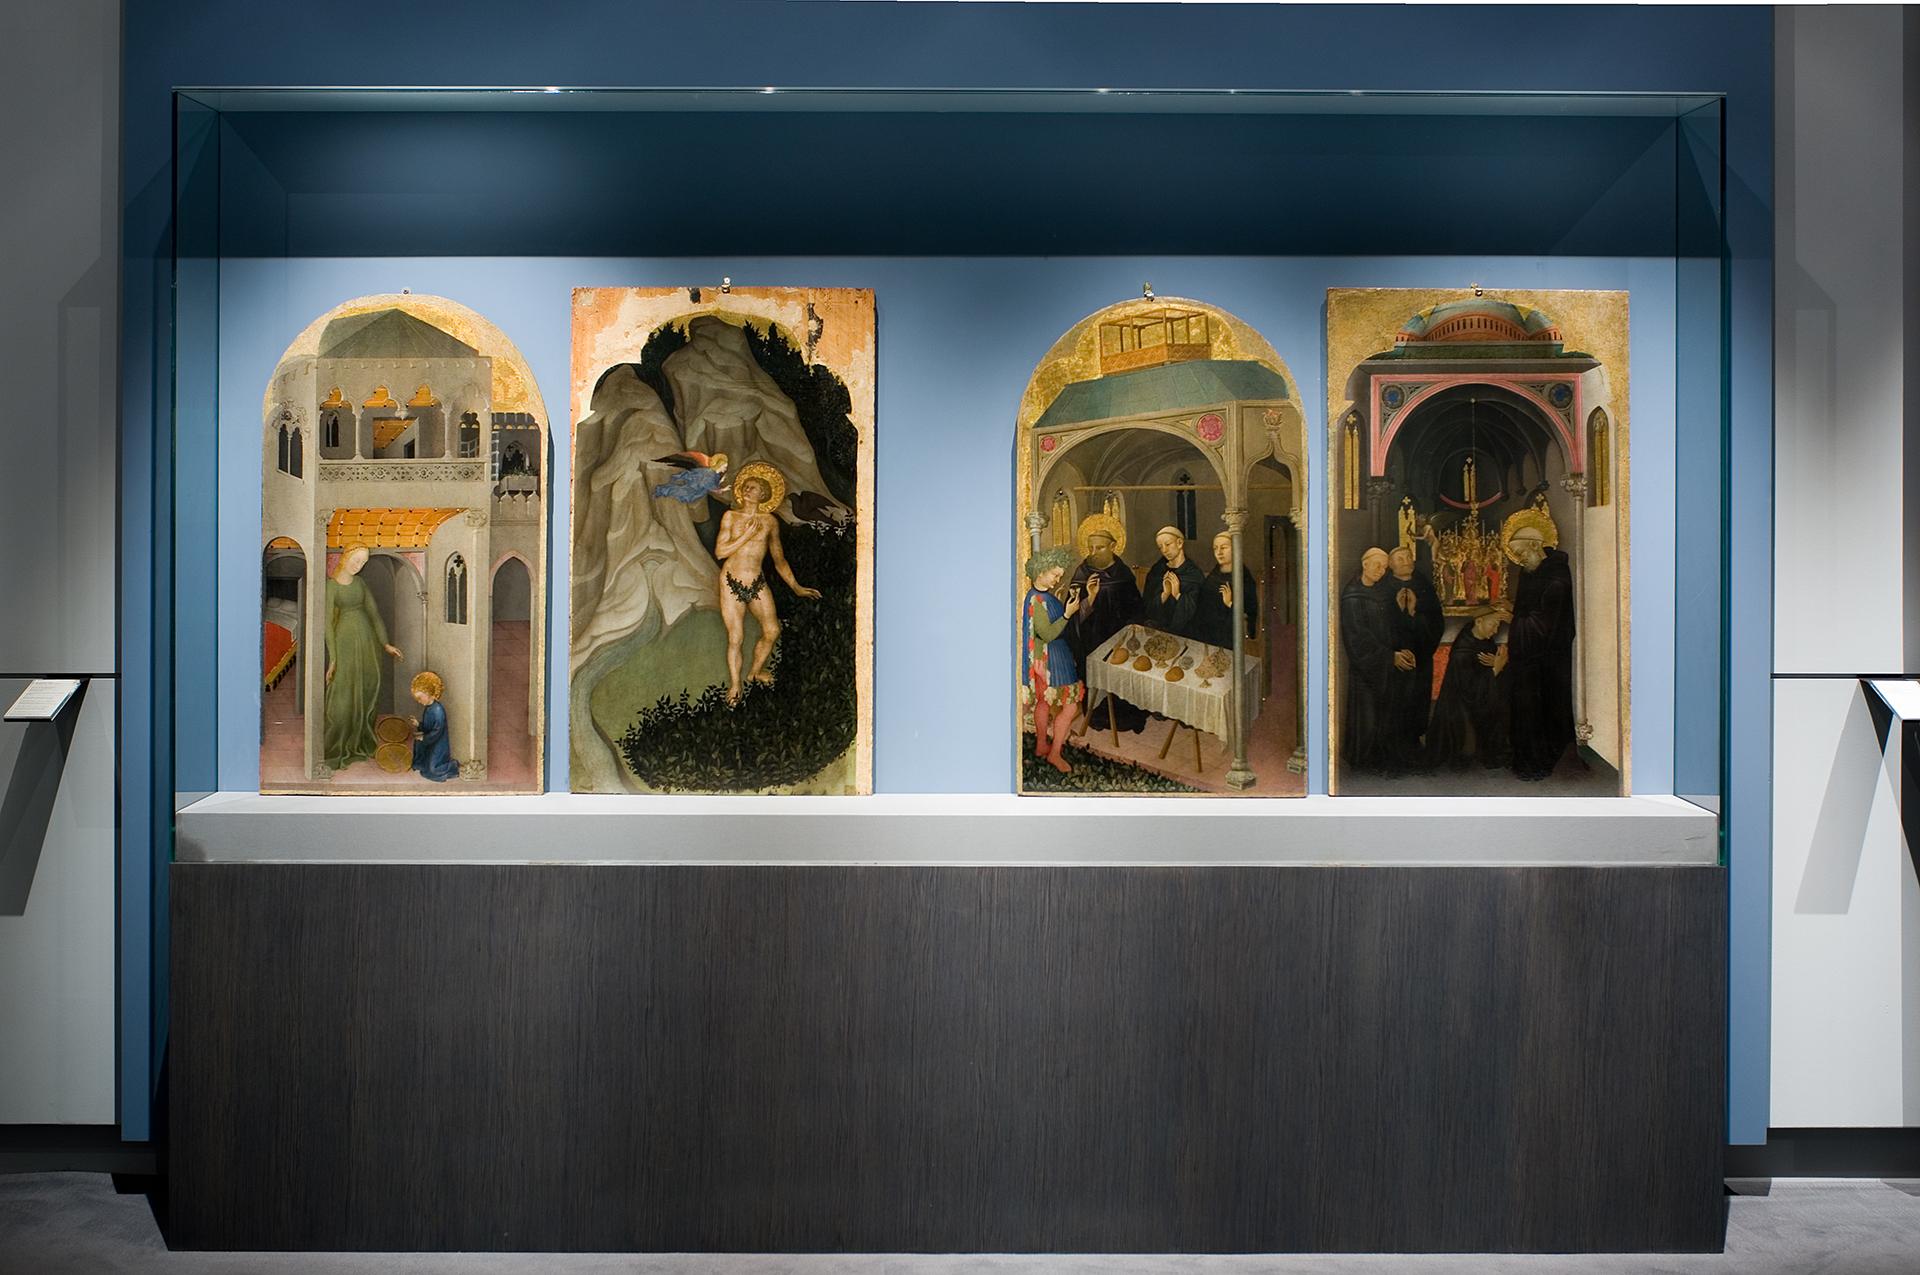 Allestimenti Grafox - Musei e Mostre - Mostra Gentile da Fabriano - Galleria Nazionale dell'Umbria - Perugia